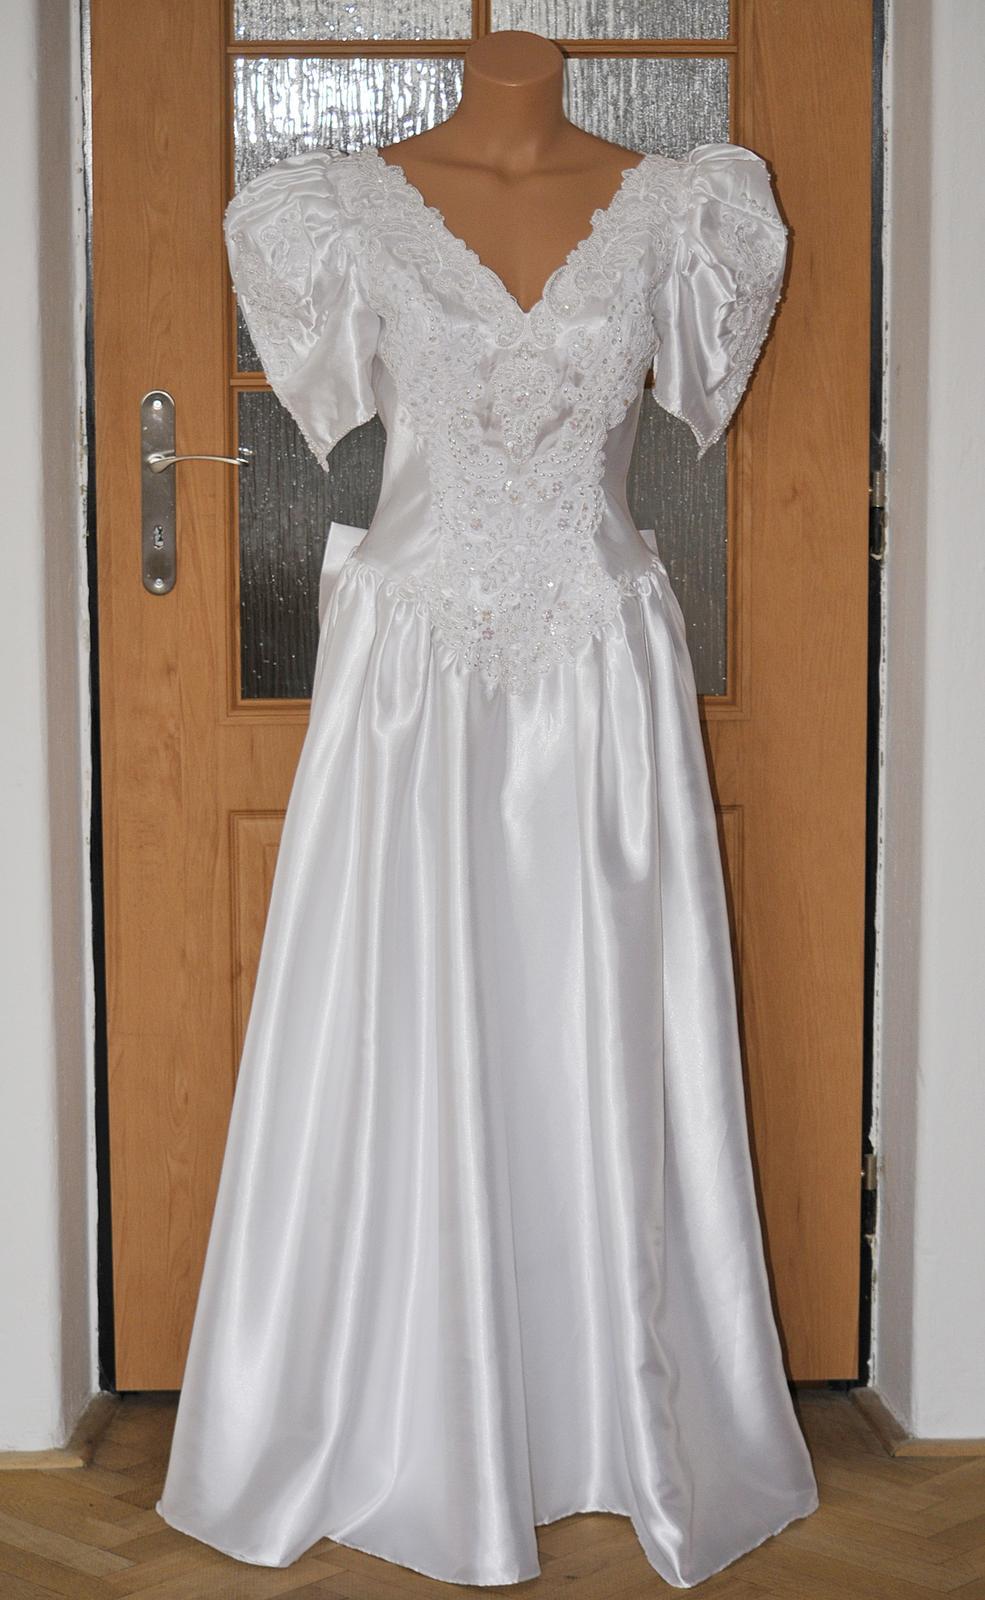 Retro svadobné šaty - Obrázok č. 1